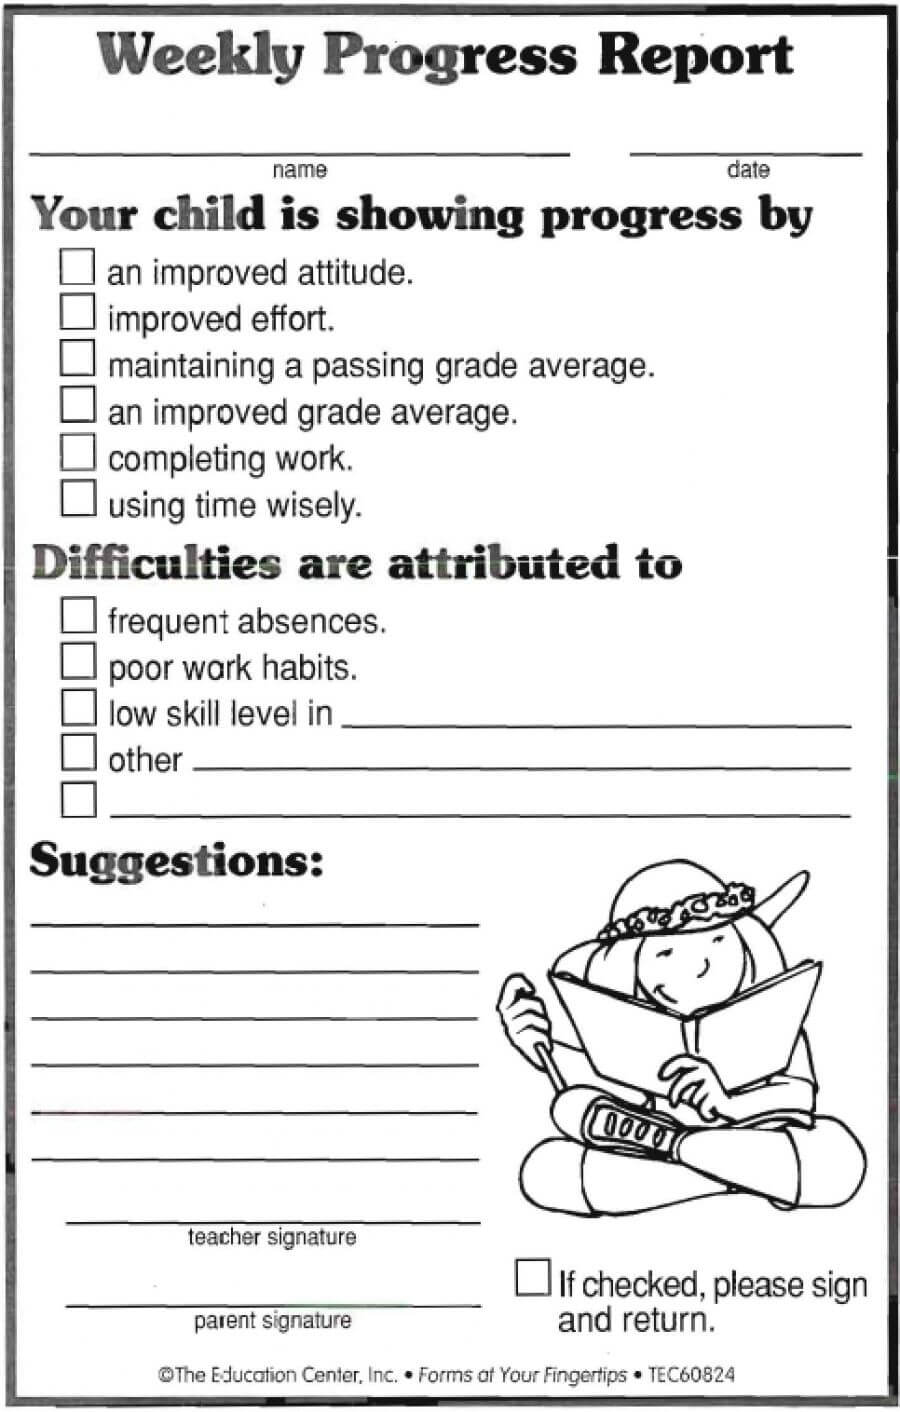 Weekly Progress Report | Progress Report, Progress Report in Preschool Weekly Report Template